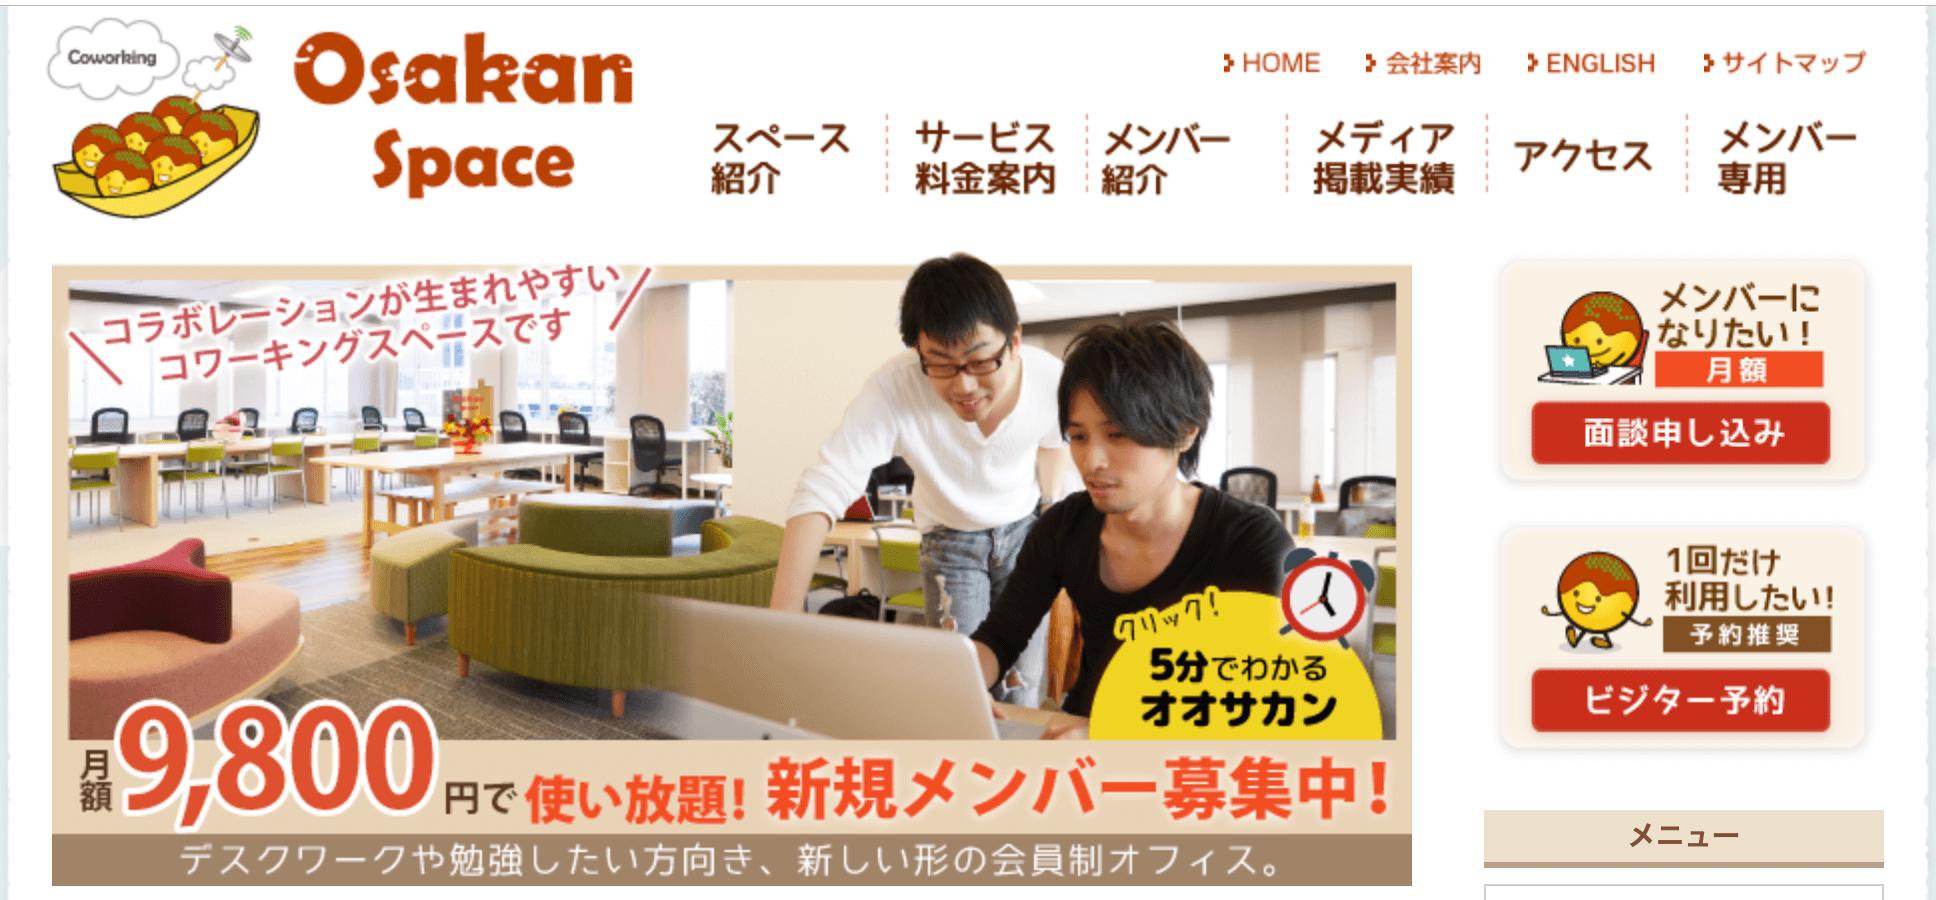 Osakan Space(オオサカンスペース)